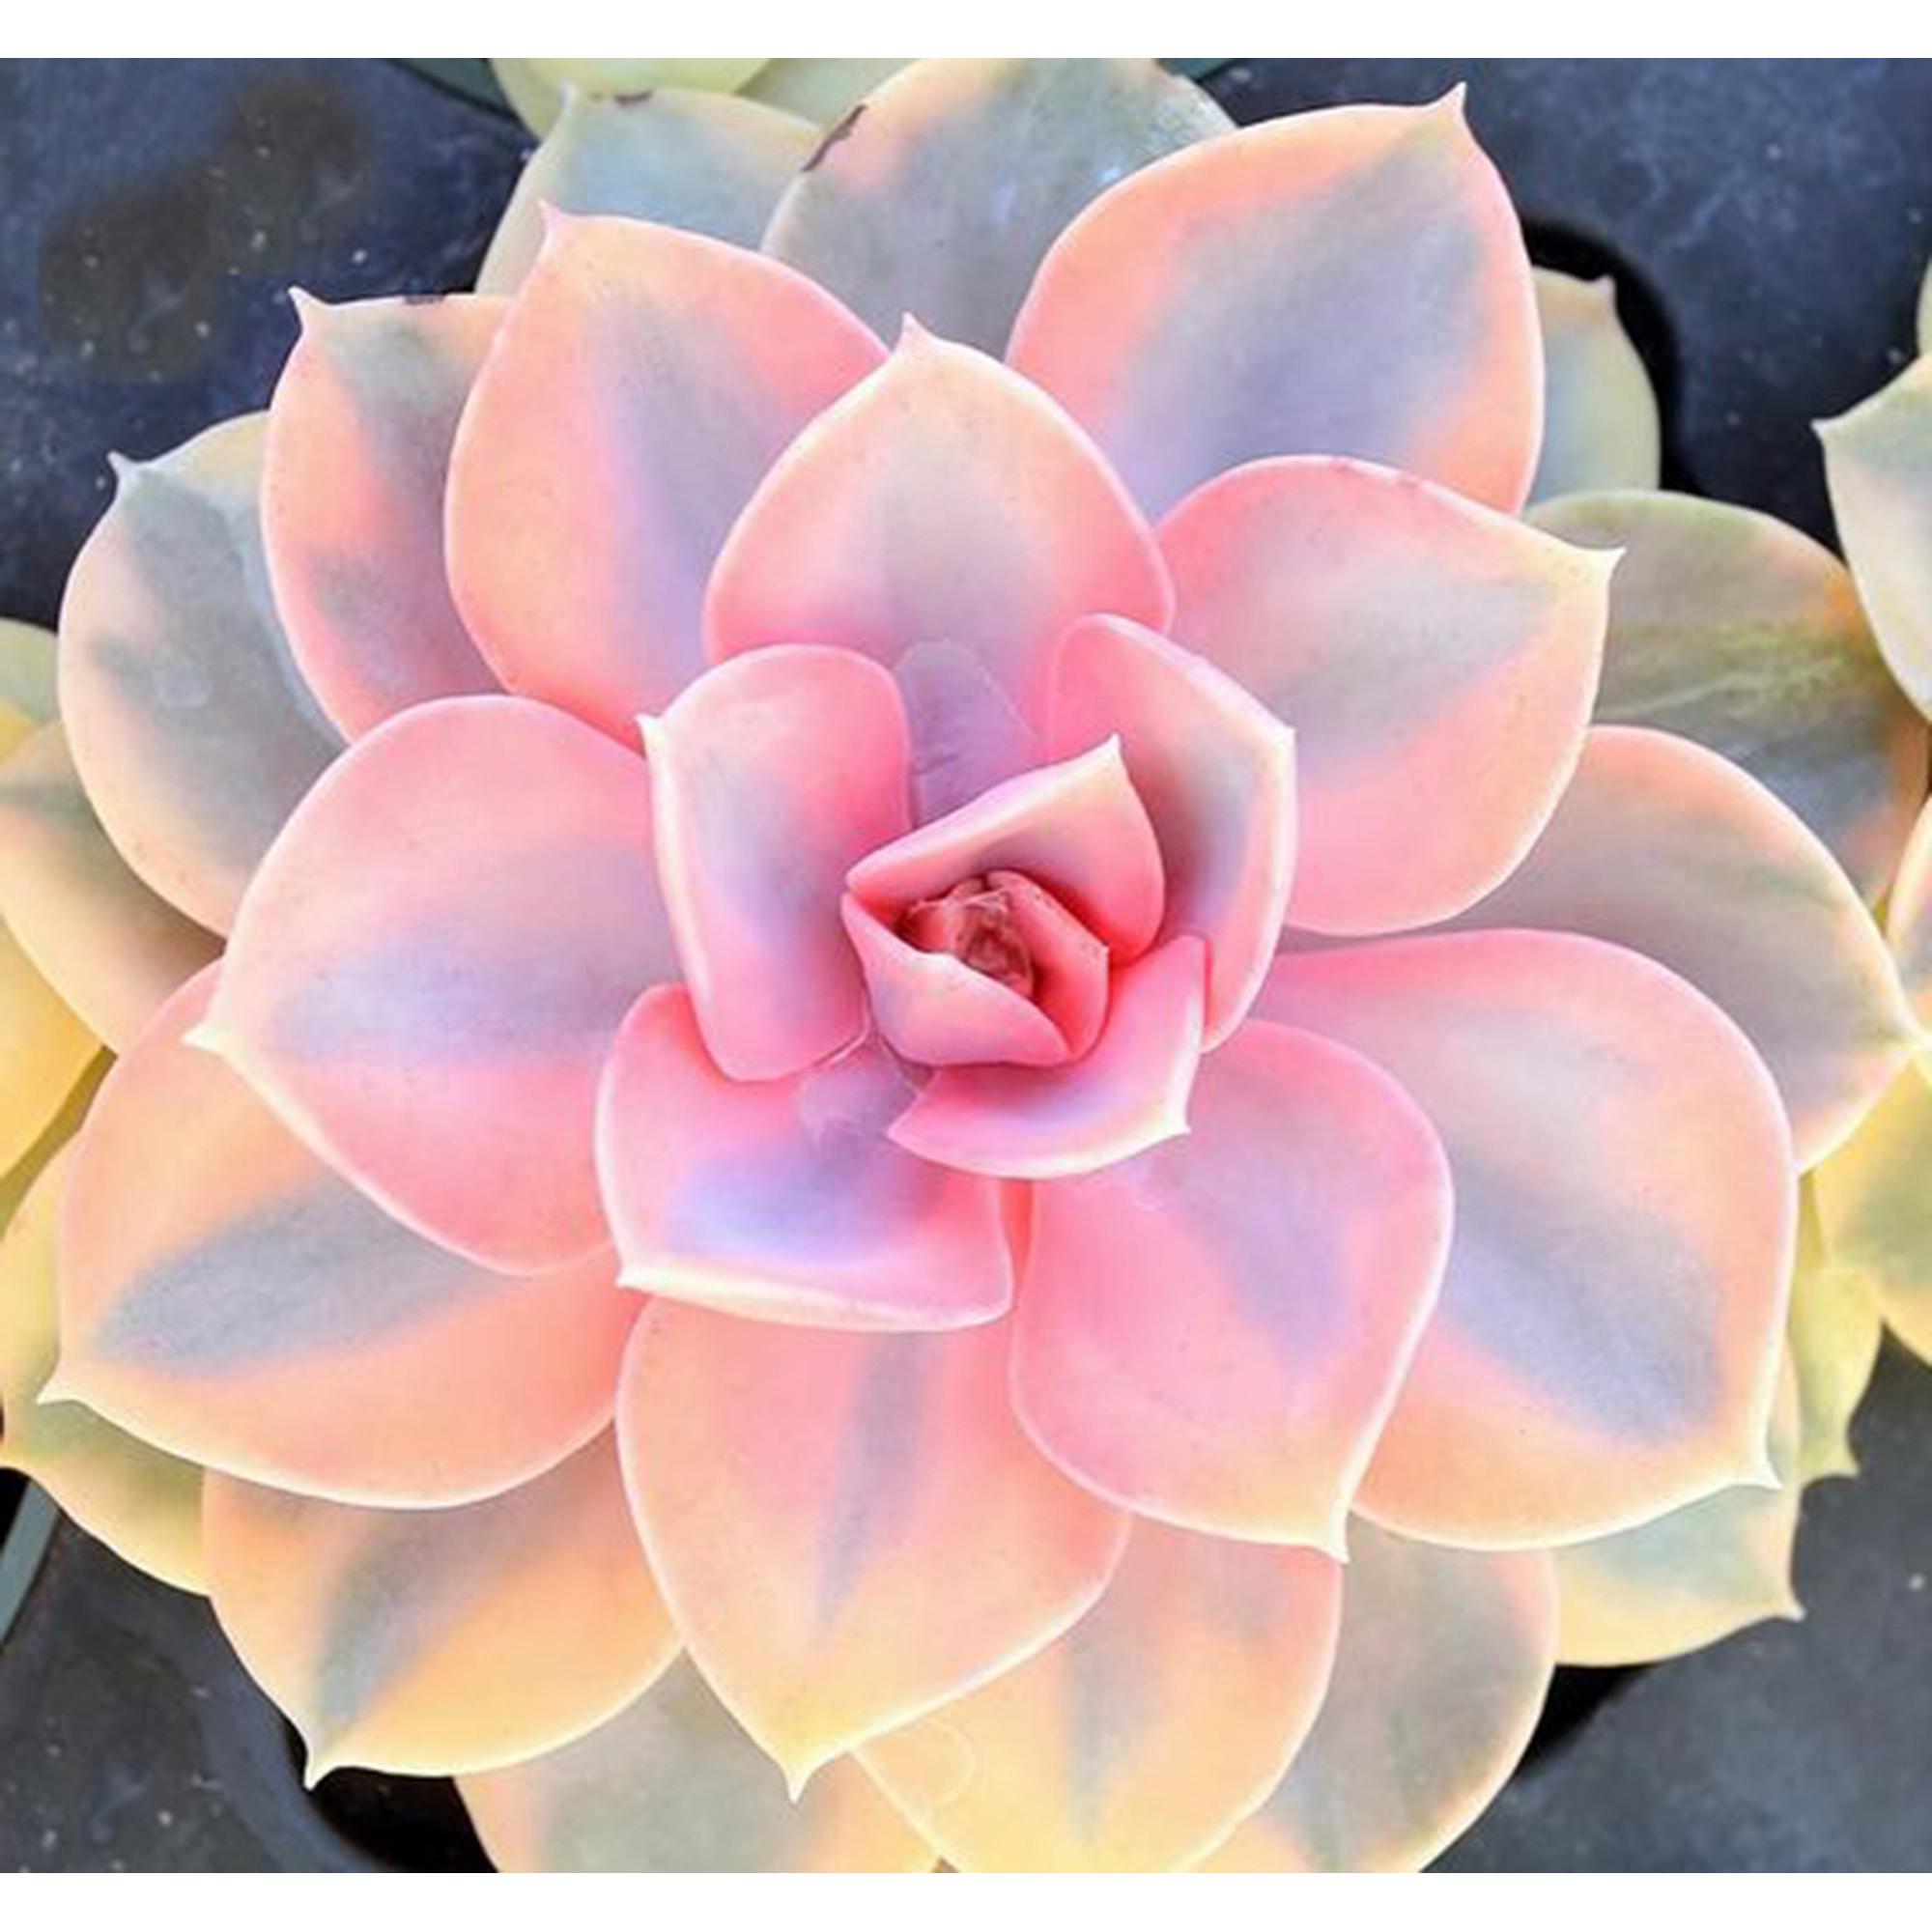 Rare Echeveria Rainbow 200 Seeds Colorful Succulent Cactus Botgarden